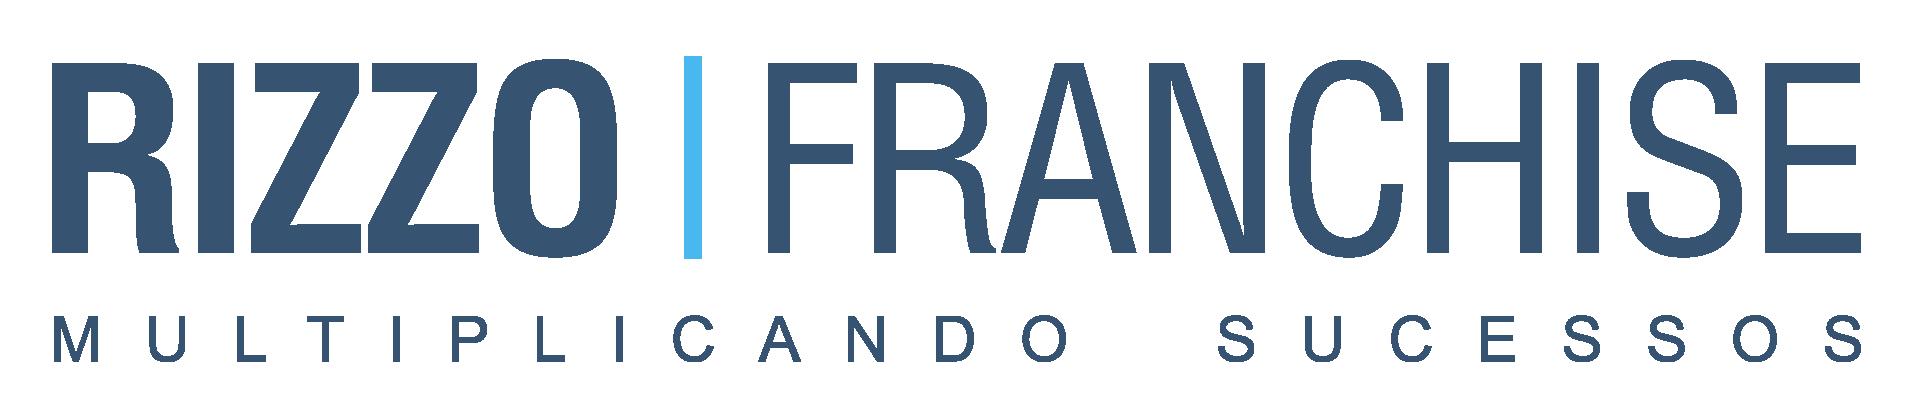 Rizzo Franchise